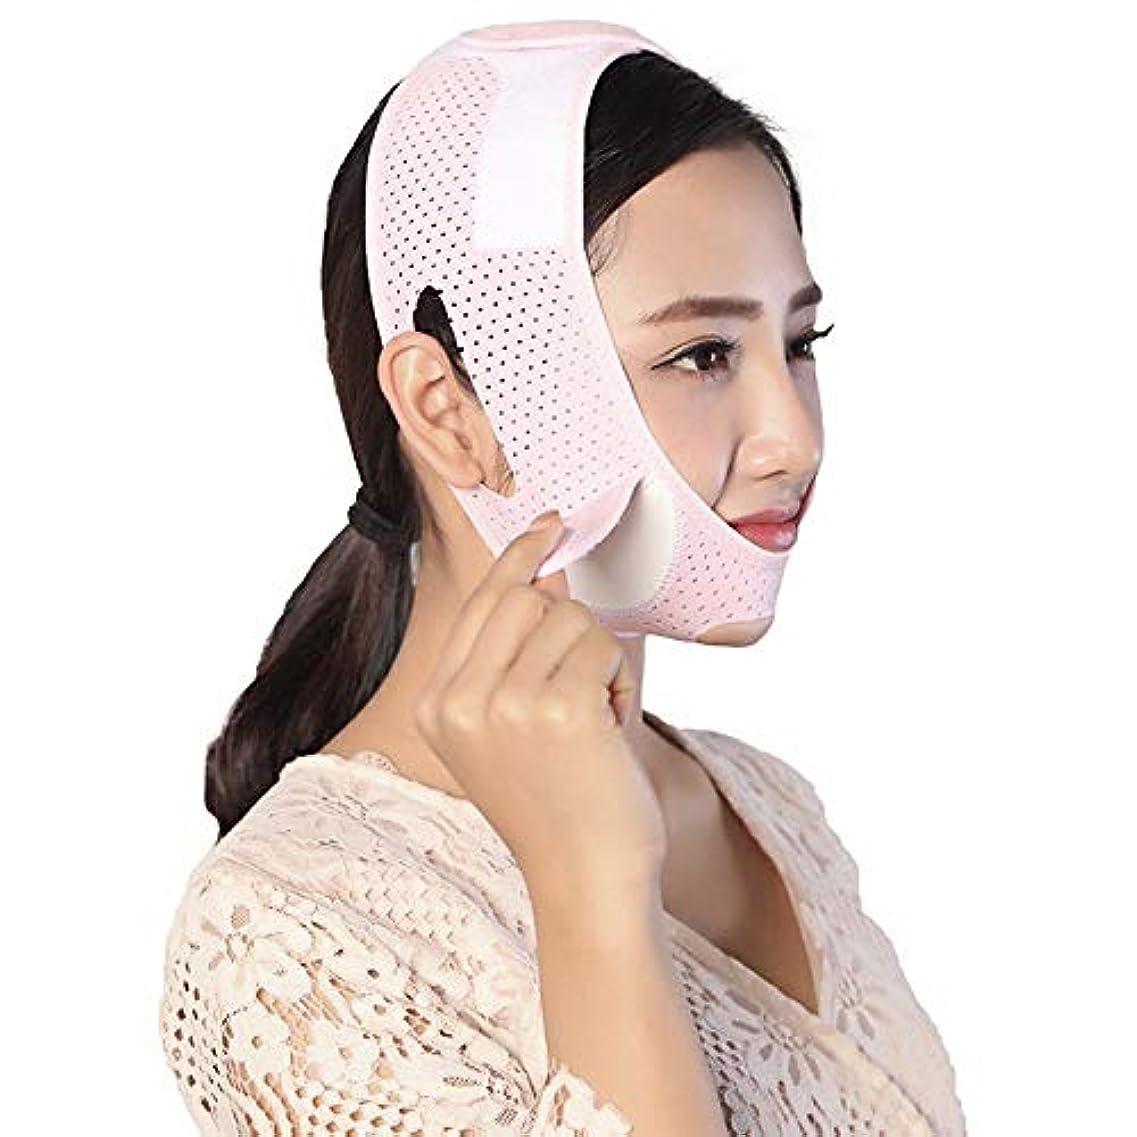 動詞アコーアクセル薄い顔のバンド - 薄い顔の包帯は、ダブルの顎の法令Vをマスクするために持ち上げて睡眠マスクの通気